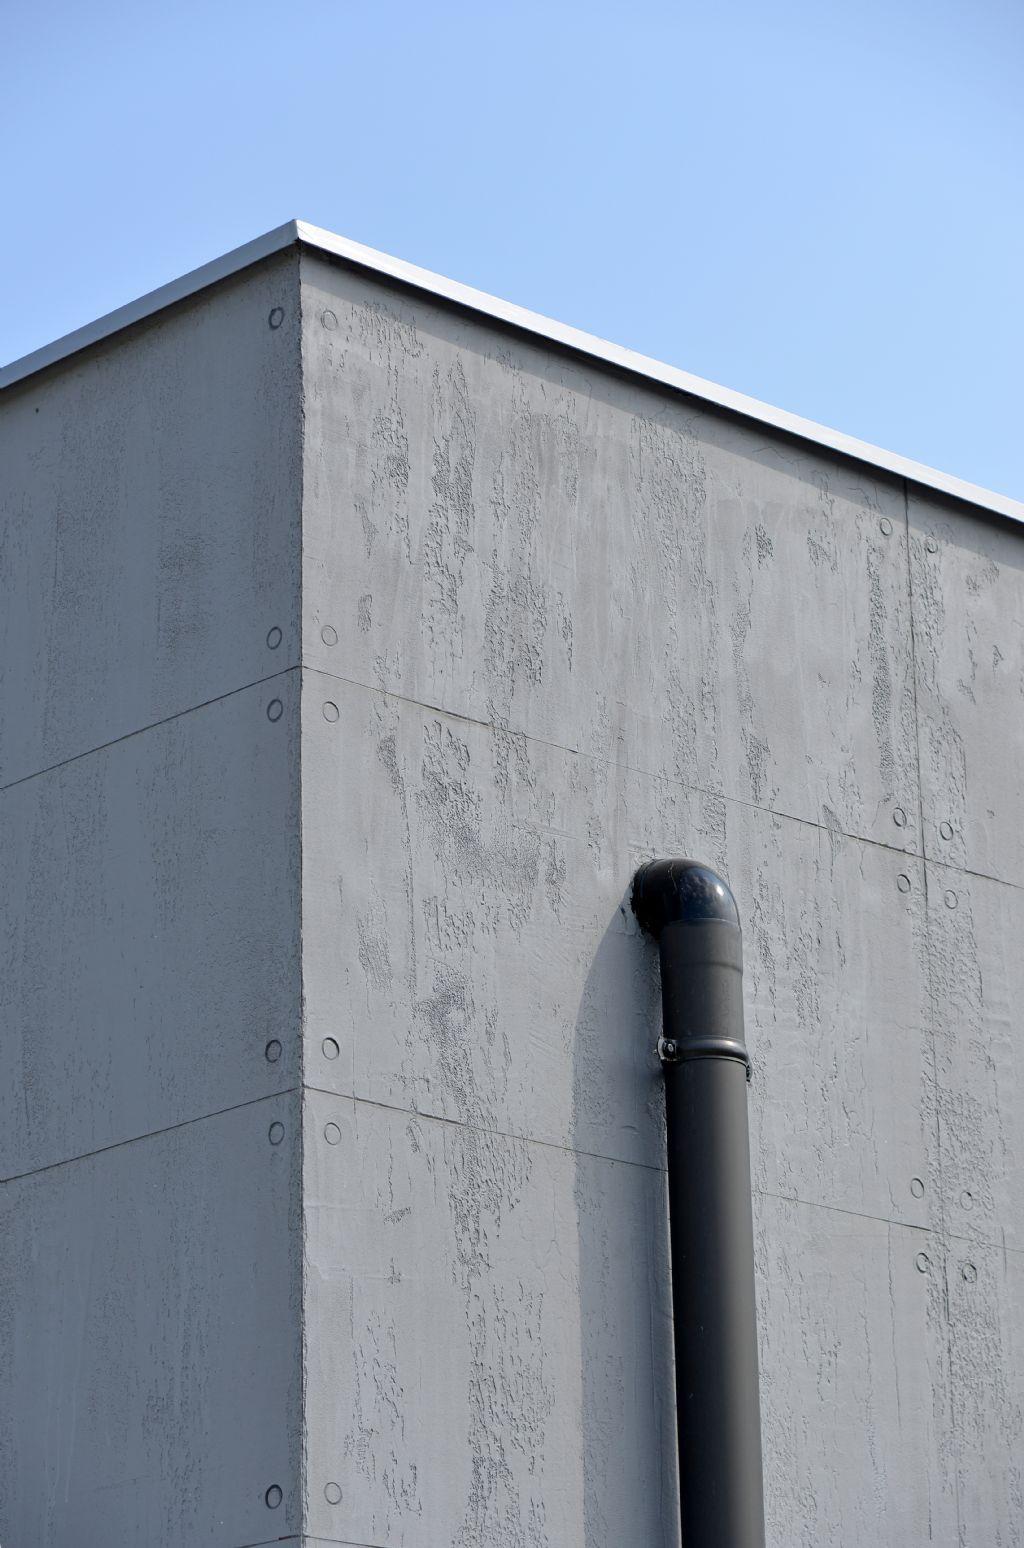 Les évacuations extérieures peuvent être noyées dans l'épaisseur de l'isolant de façade ou, comme ici, laissées apparentes afin de ne créer aucun pont thermique